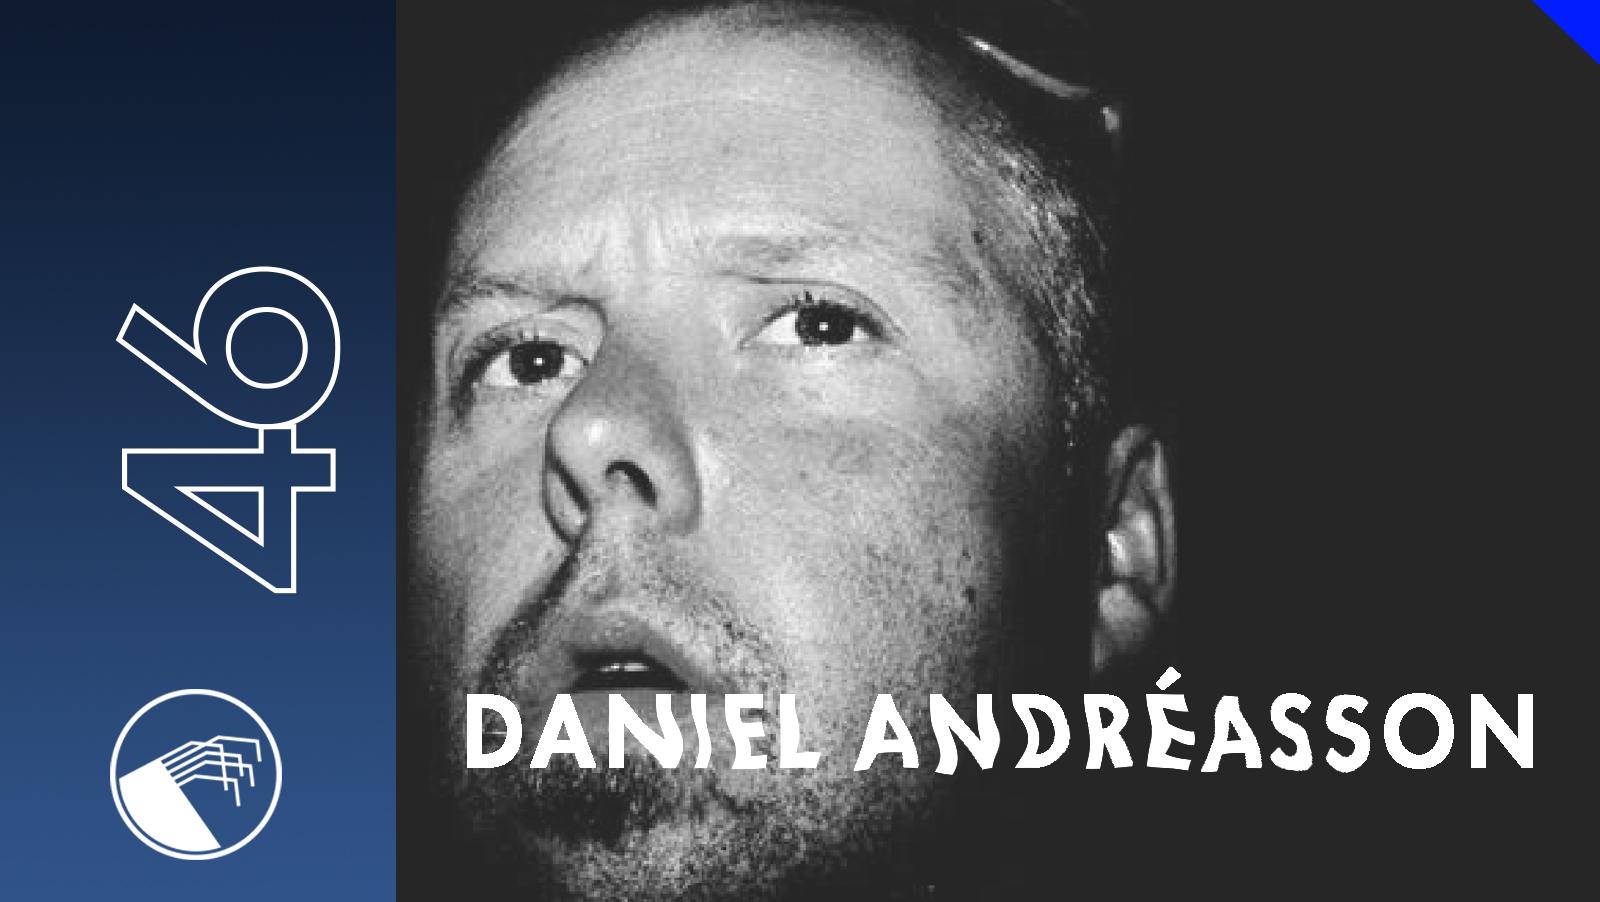 046 Daniel Andreasson